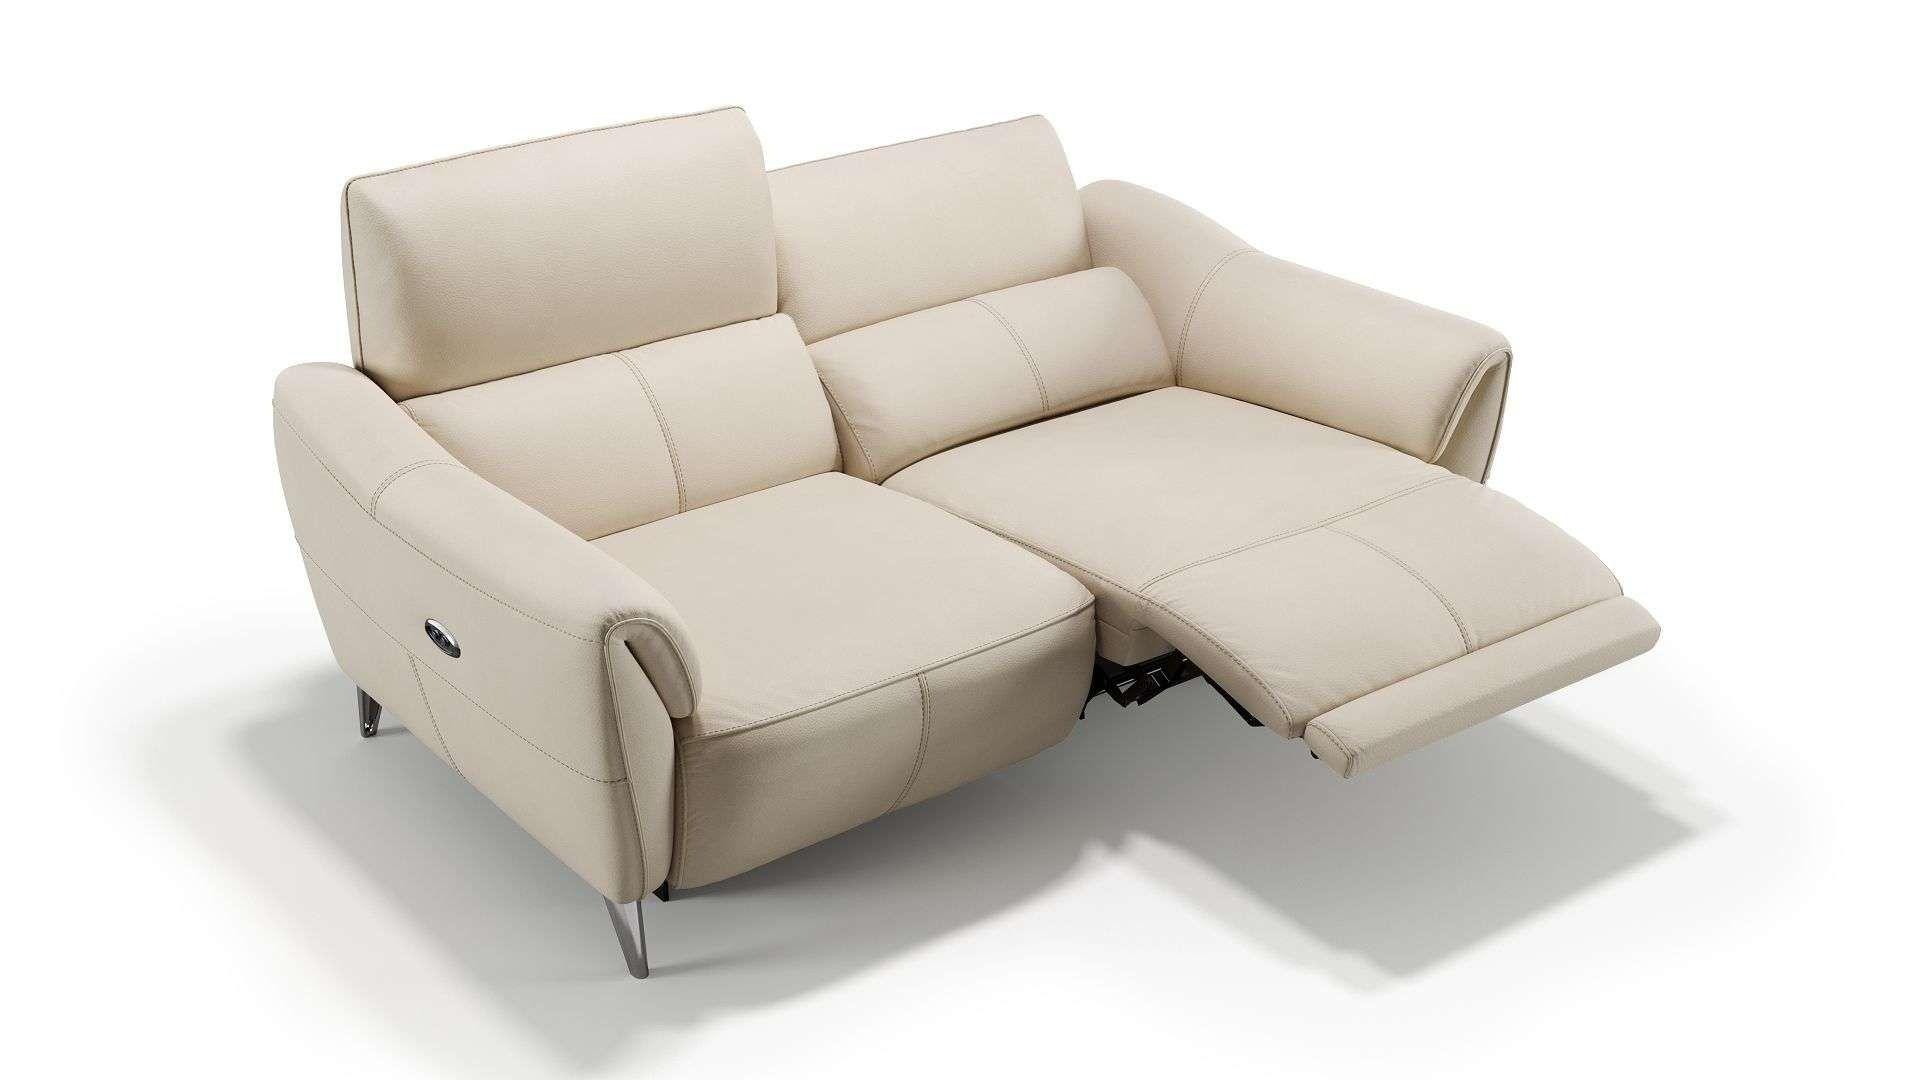 Full Size of Chippendale Sofa Für Esszimmer Vitra Günstig Kaufen Bullfrog Mit Recamiere Bezug Ecksofa Alternatives 3 Sitzer Grau Ottomane Wohnzimmer Sofa Kaufen Ikea